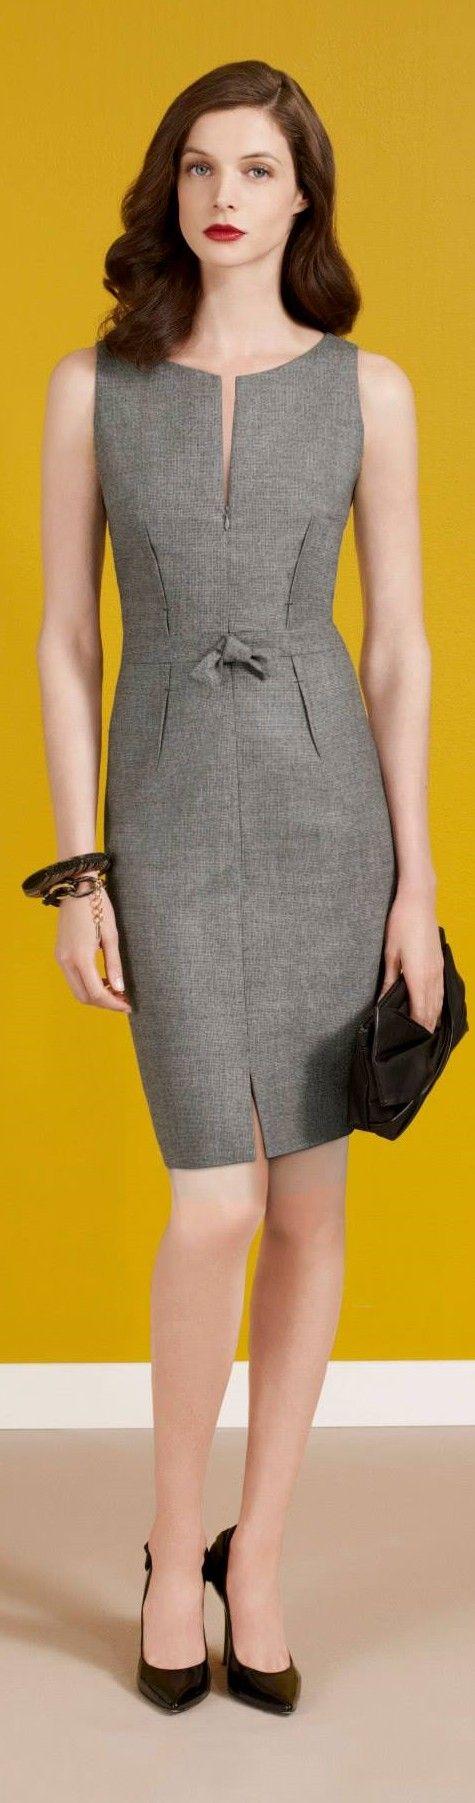 Paule ka gray dress fall autumn women fashion outfit clothing